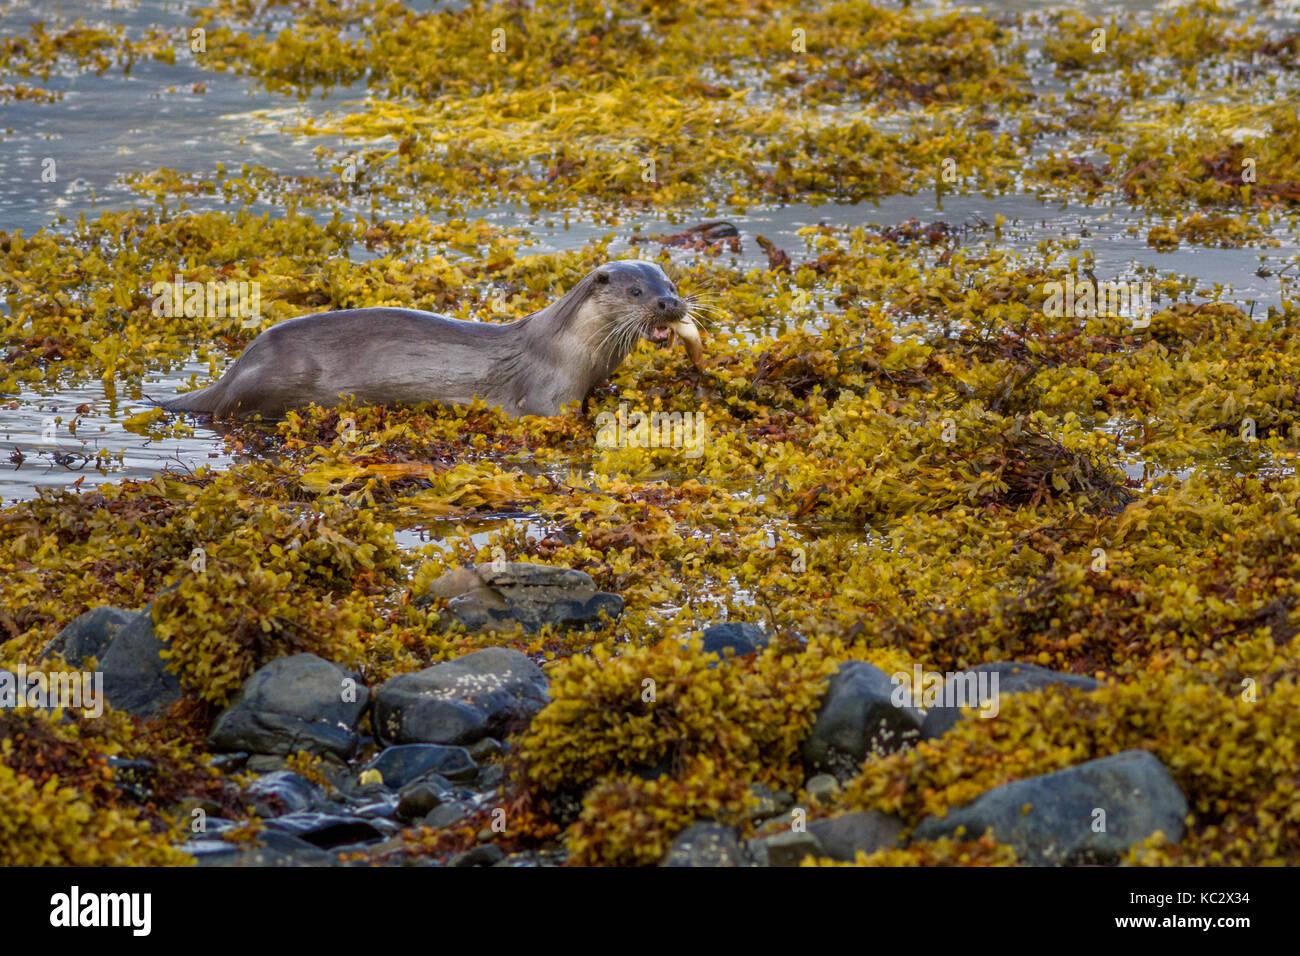 Royaume-uni: la faune Otter (lultra lultra) sur terre transport du poisson qu'il a pris sur la mer sur Photo Stock